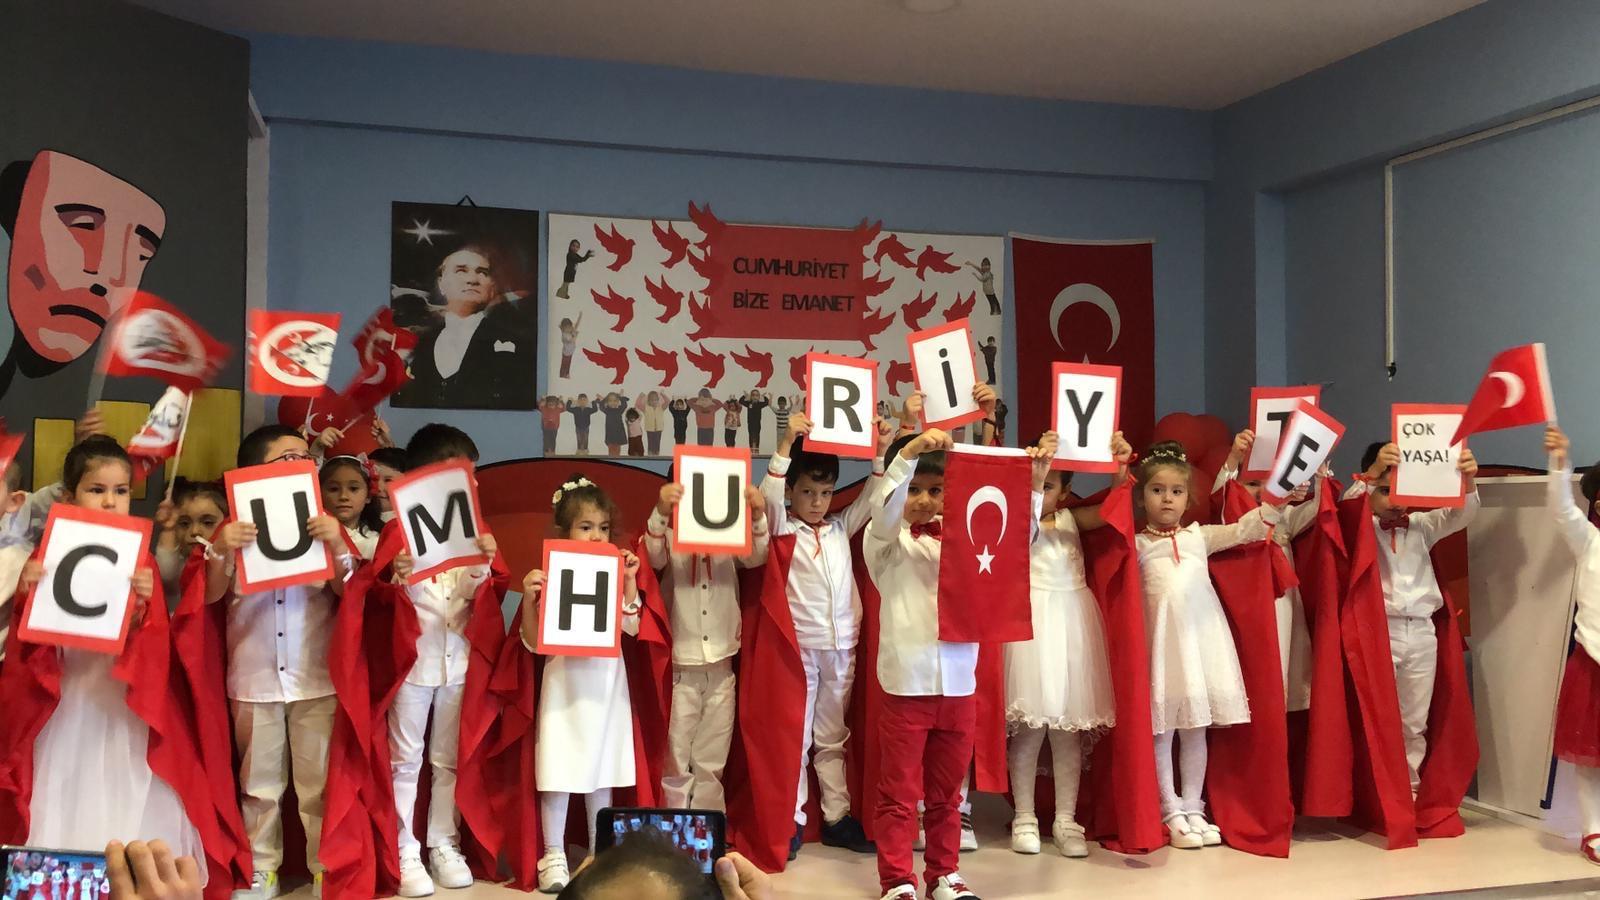 İMES OSB Sercan Sağlam Anaokulu'nda29 Ekim Cumhuriyet Bayramı Coşkuyla Kutlandı